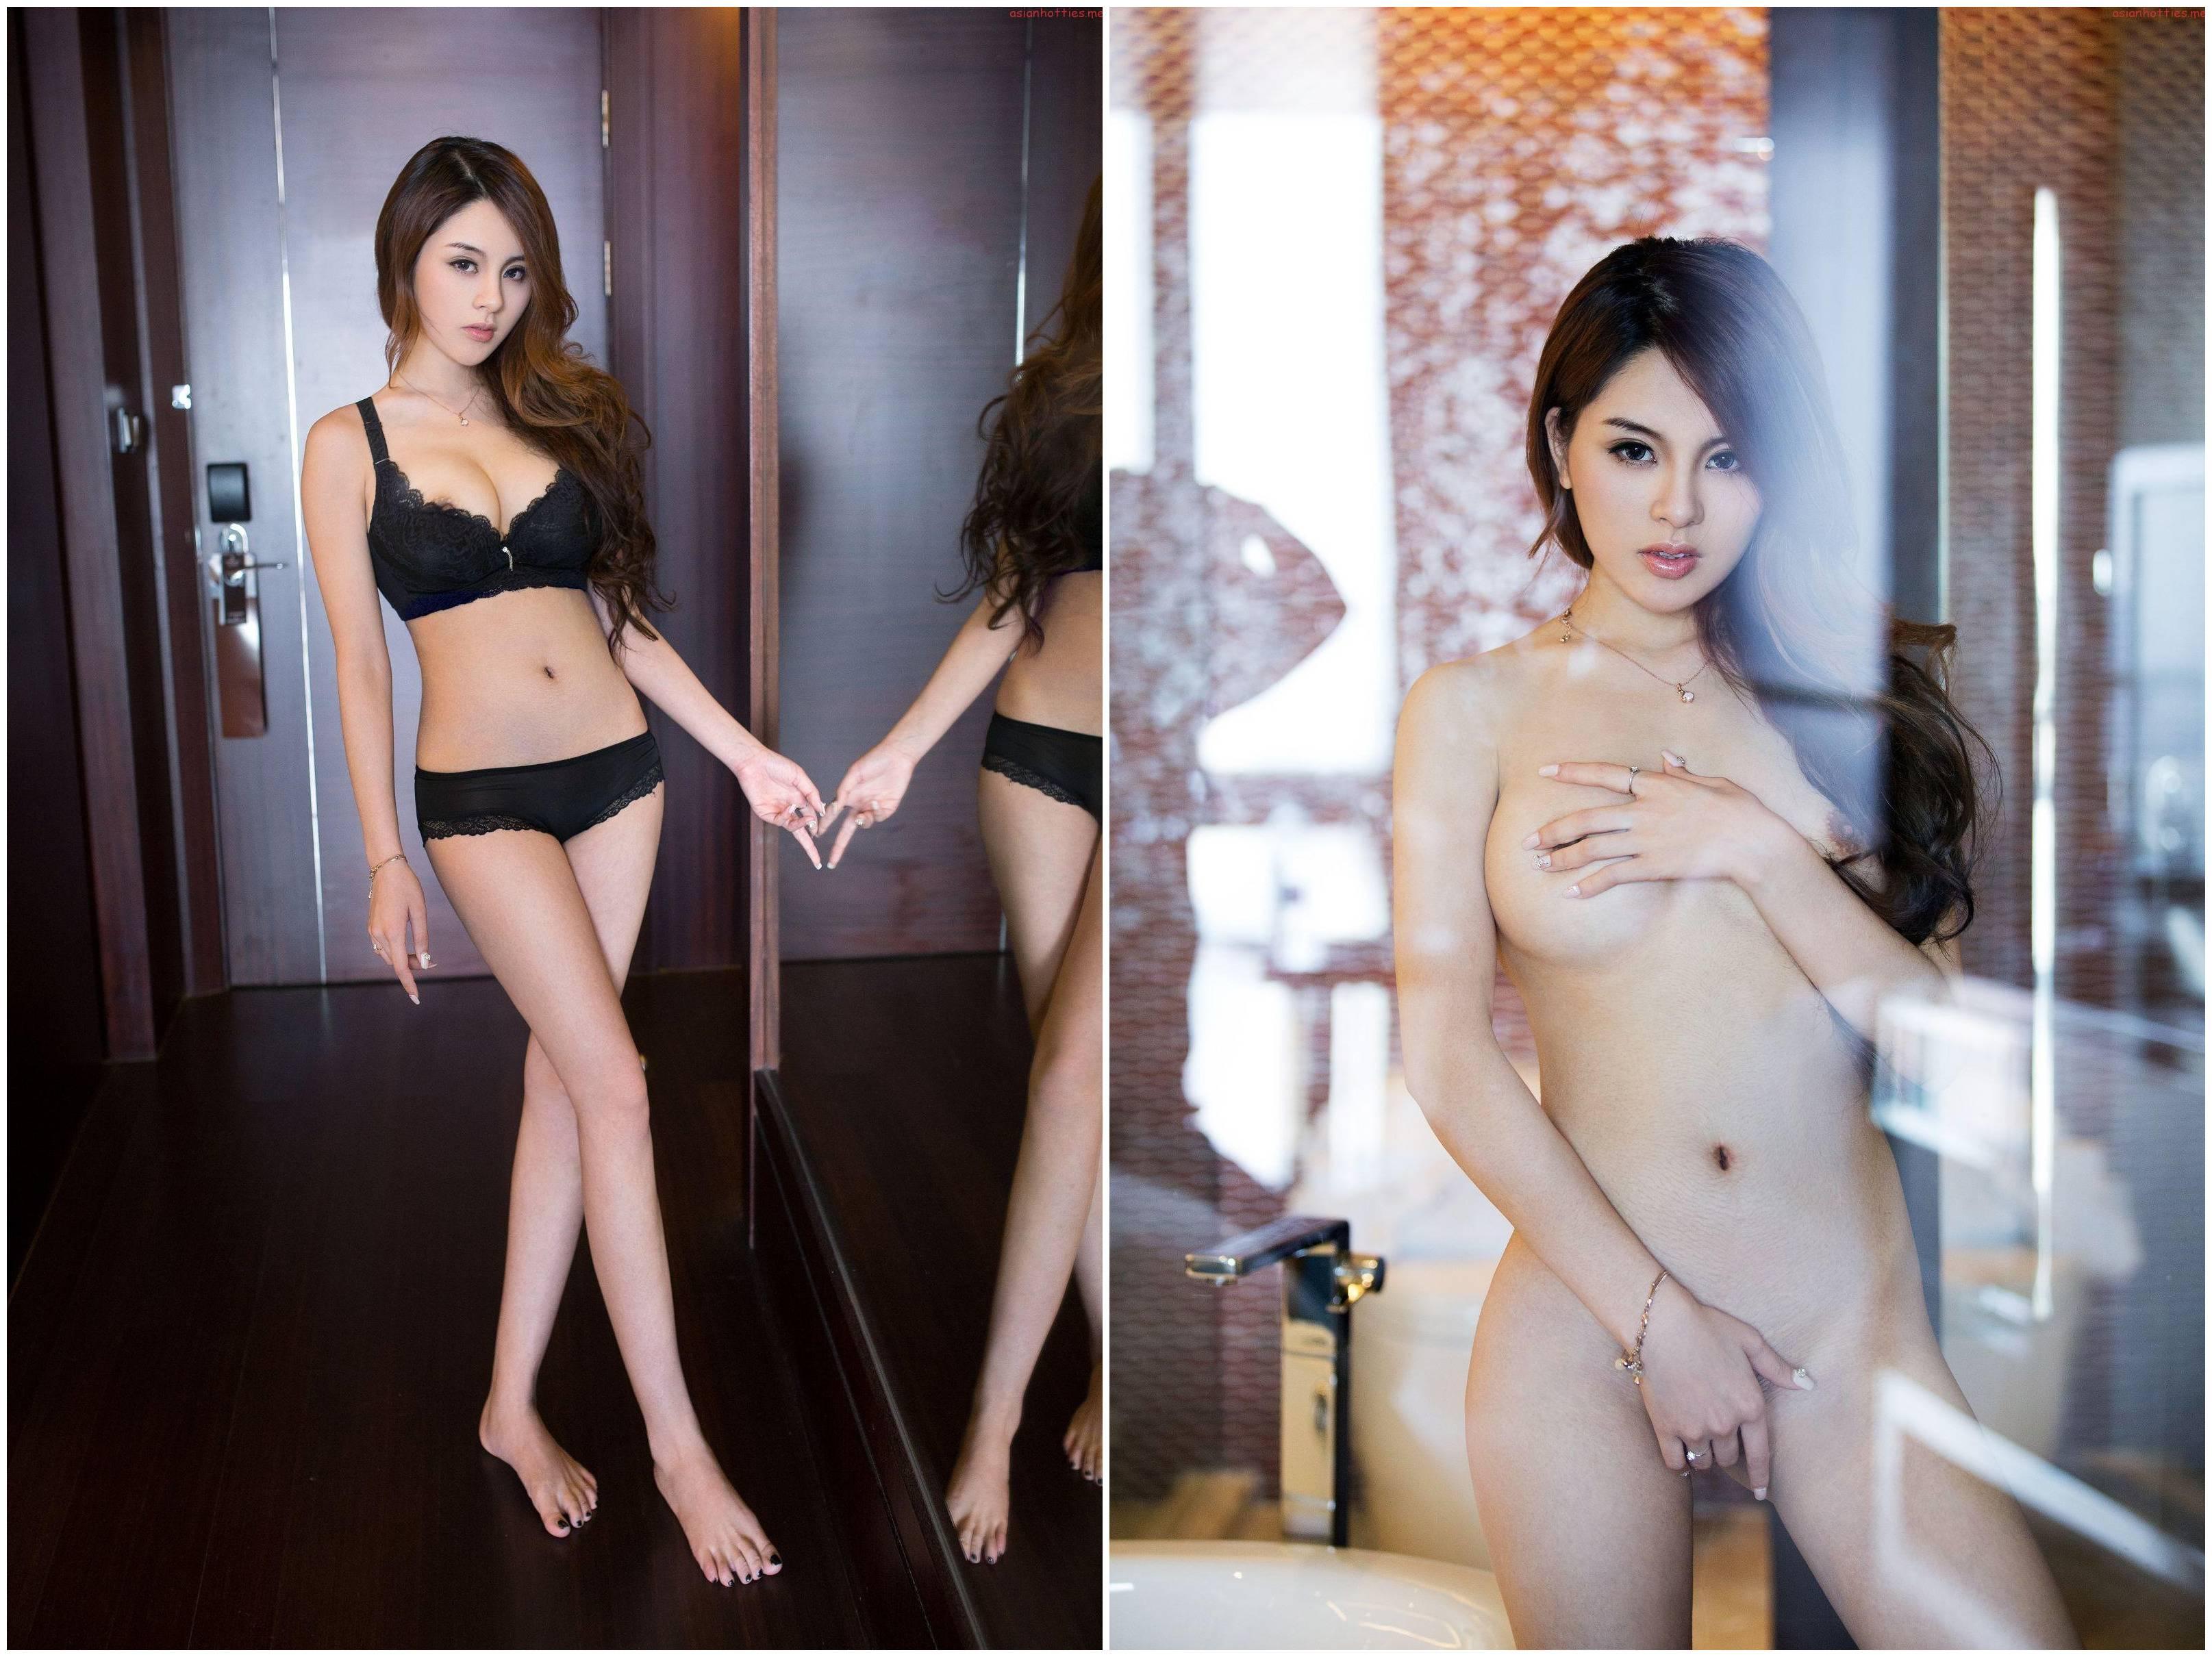 248680 - Zhao Wei Yi Nude Images